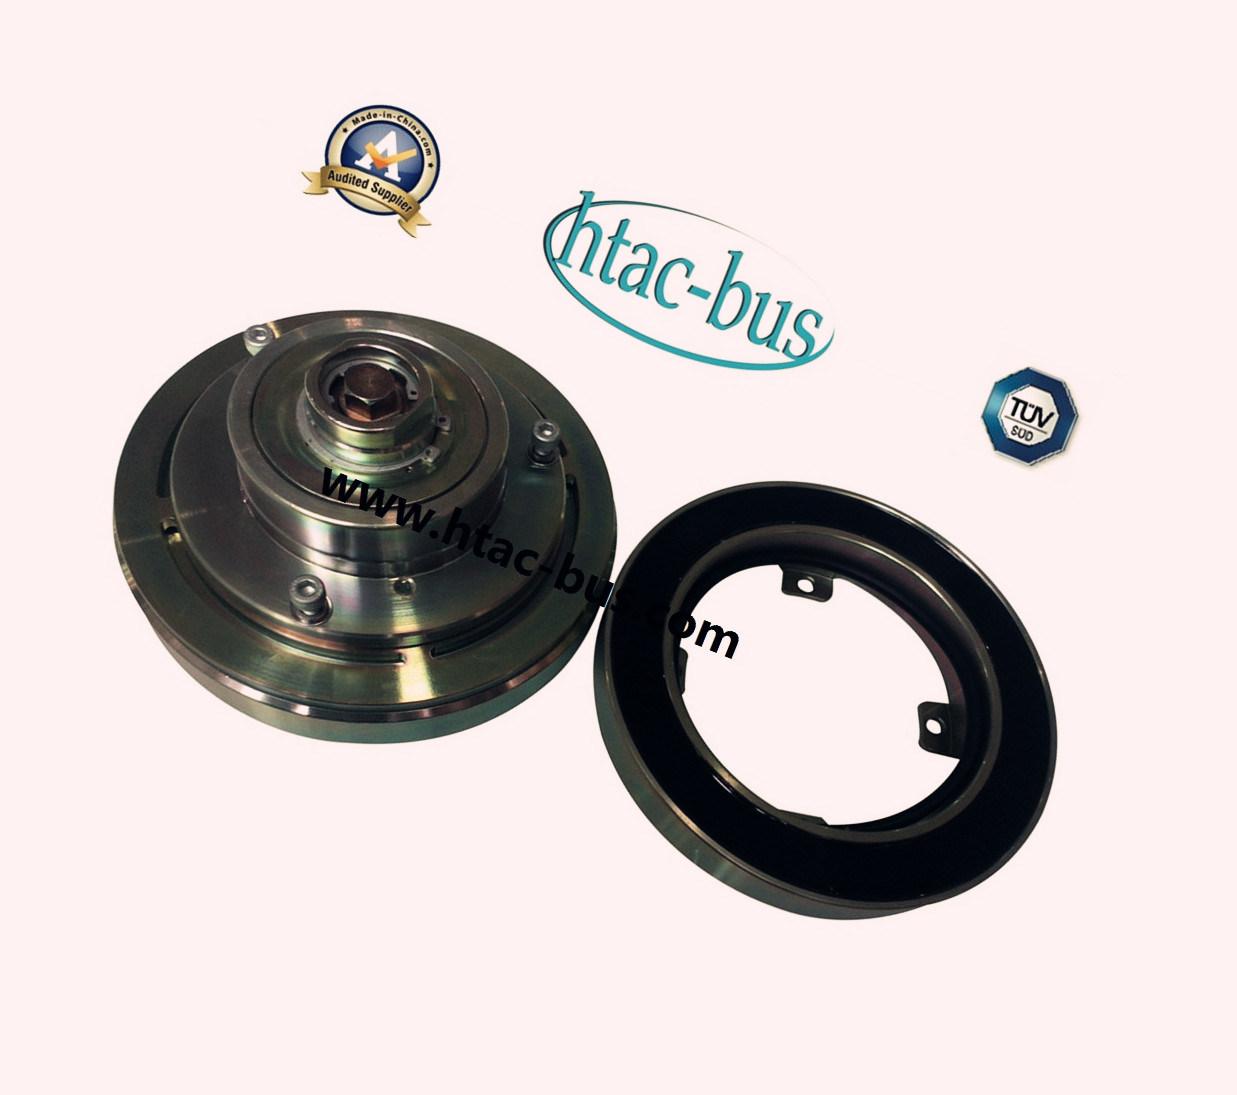 Bus A/C Magnetic Clutch Flange La16.03, La16.068